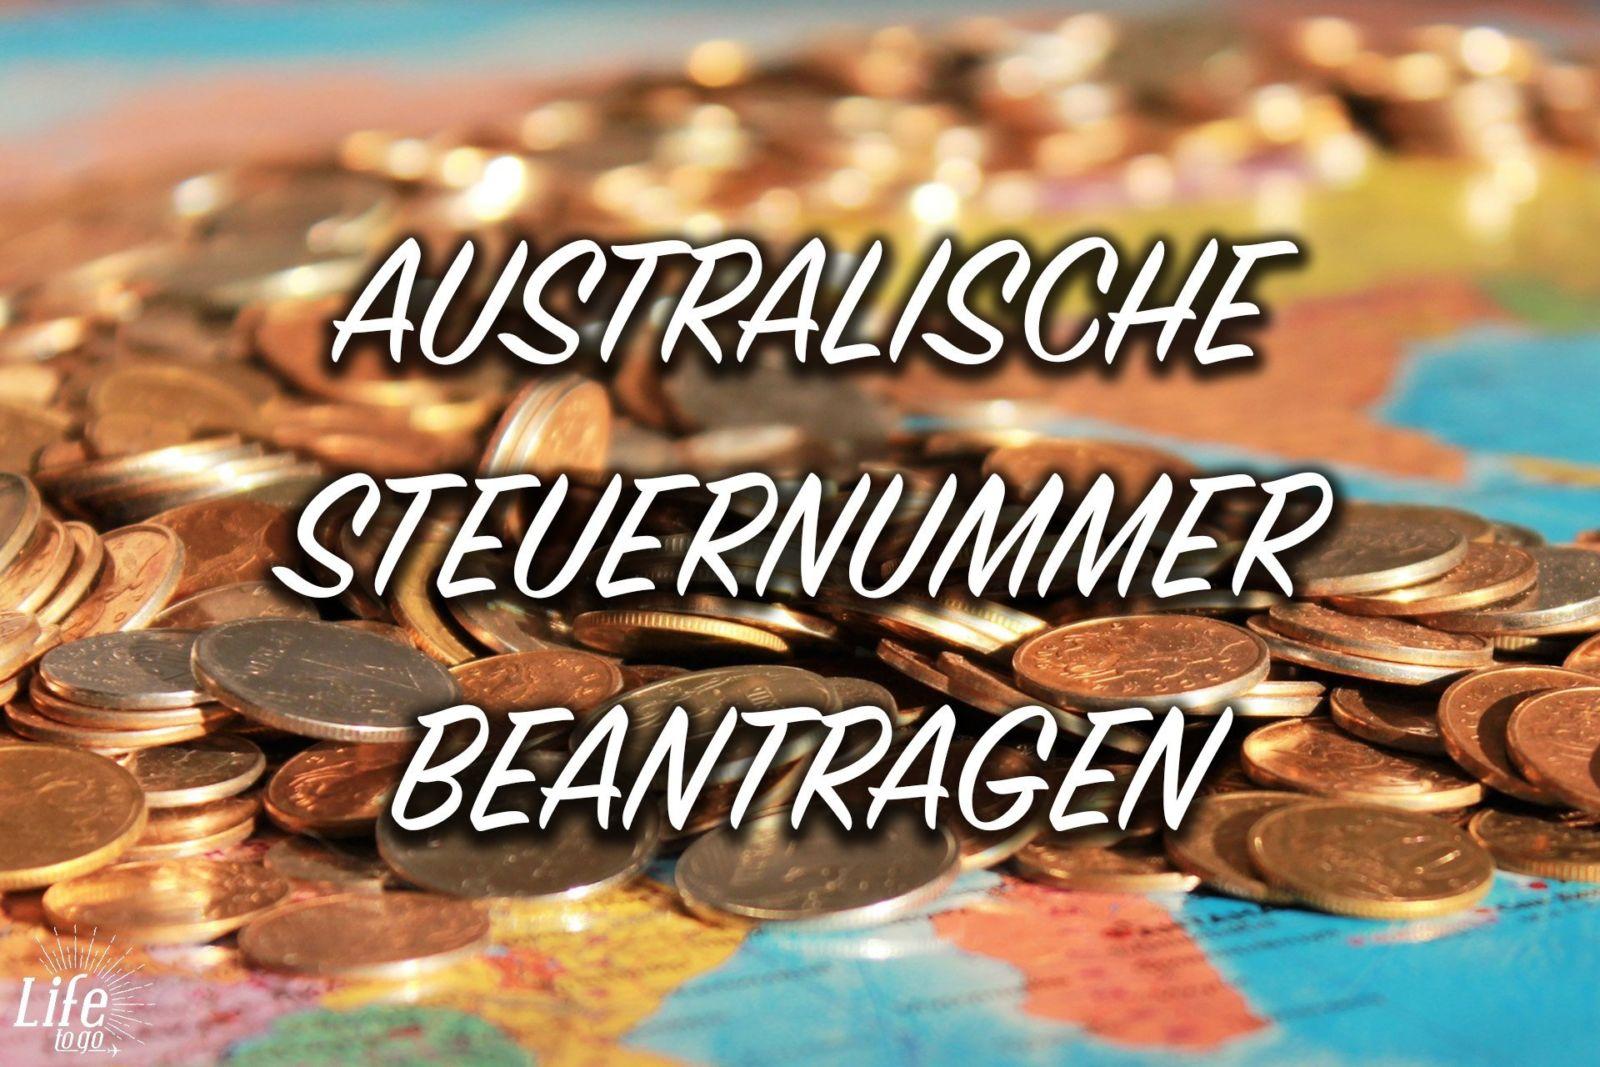 Australische Steuernummer für Work & Travel bzw. Working Holiday Beantragen